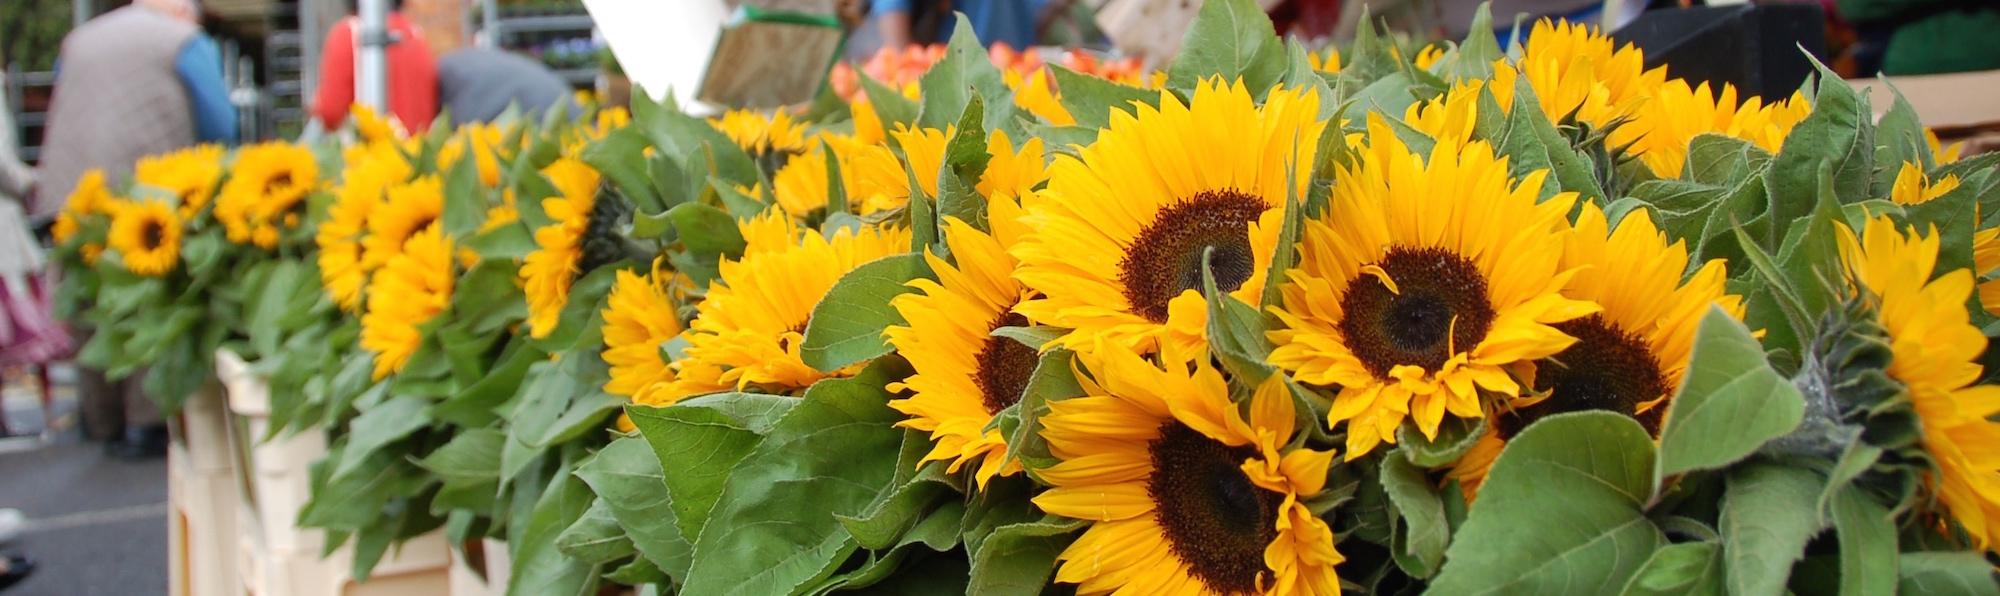 Mercado de las flores Columbia Road, Londres